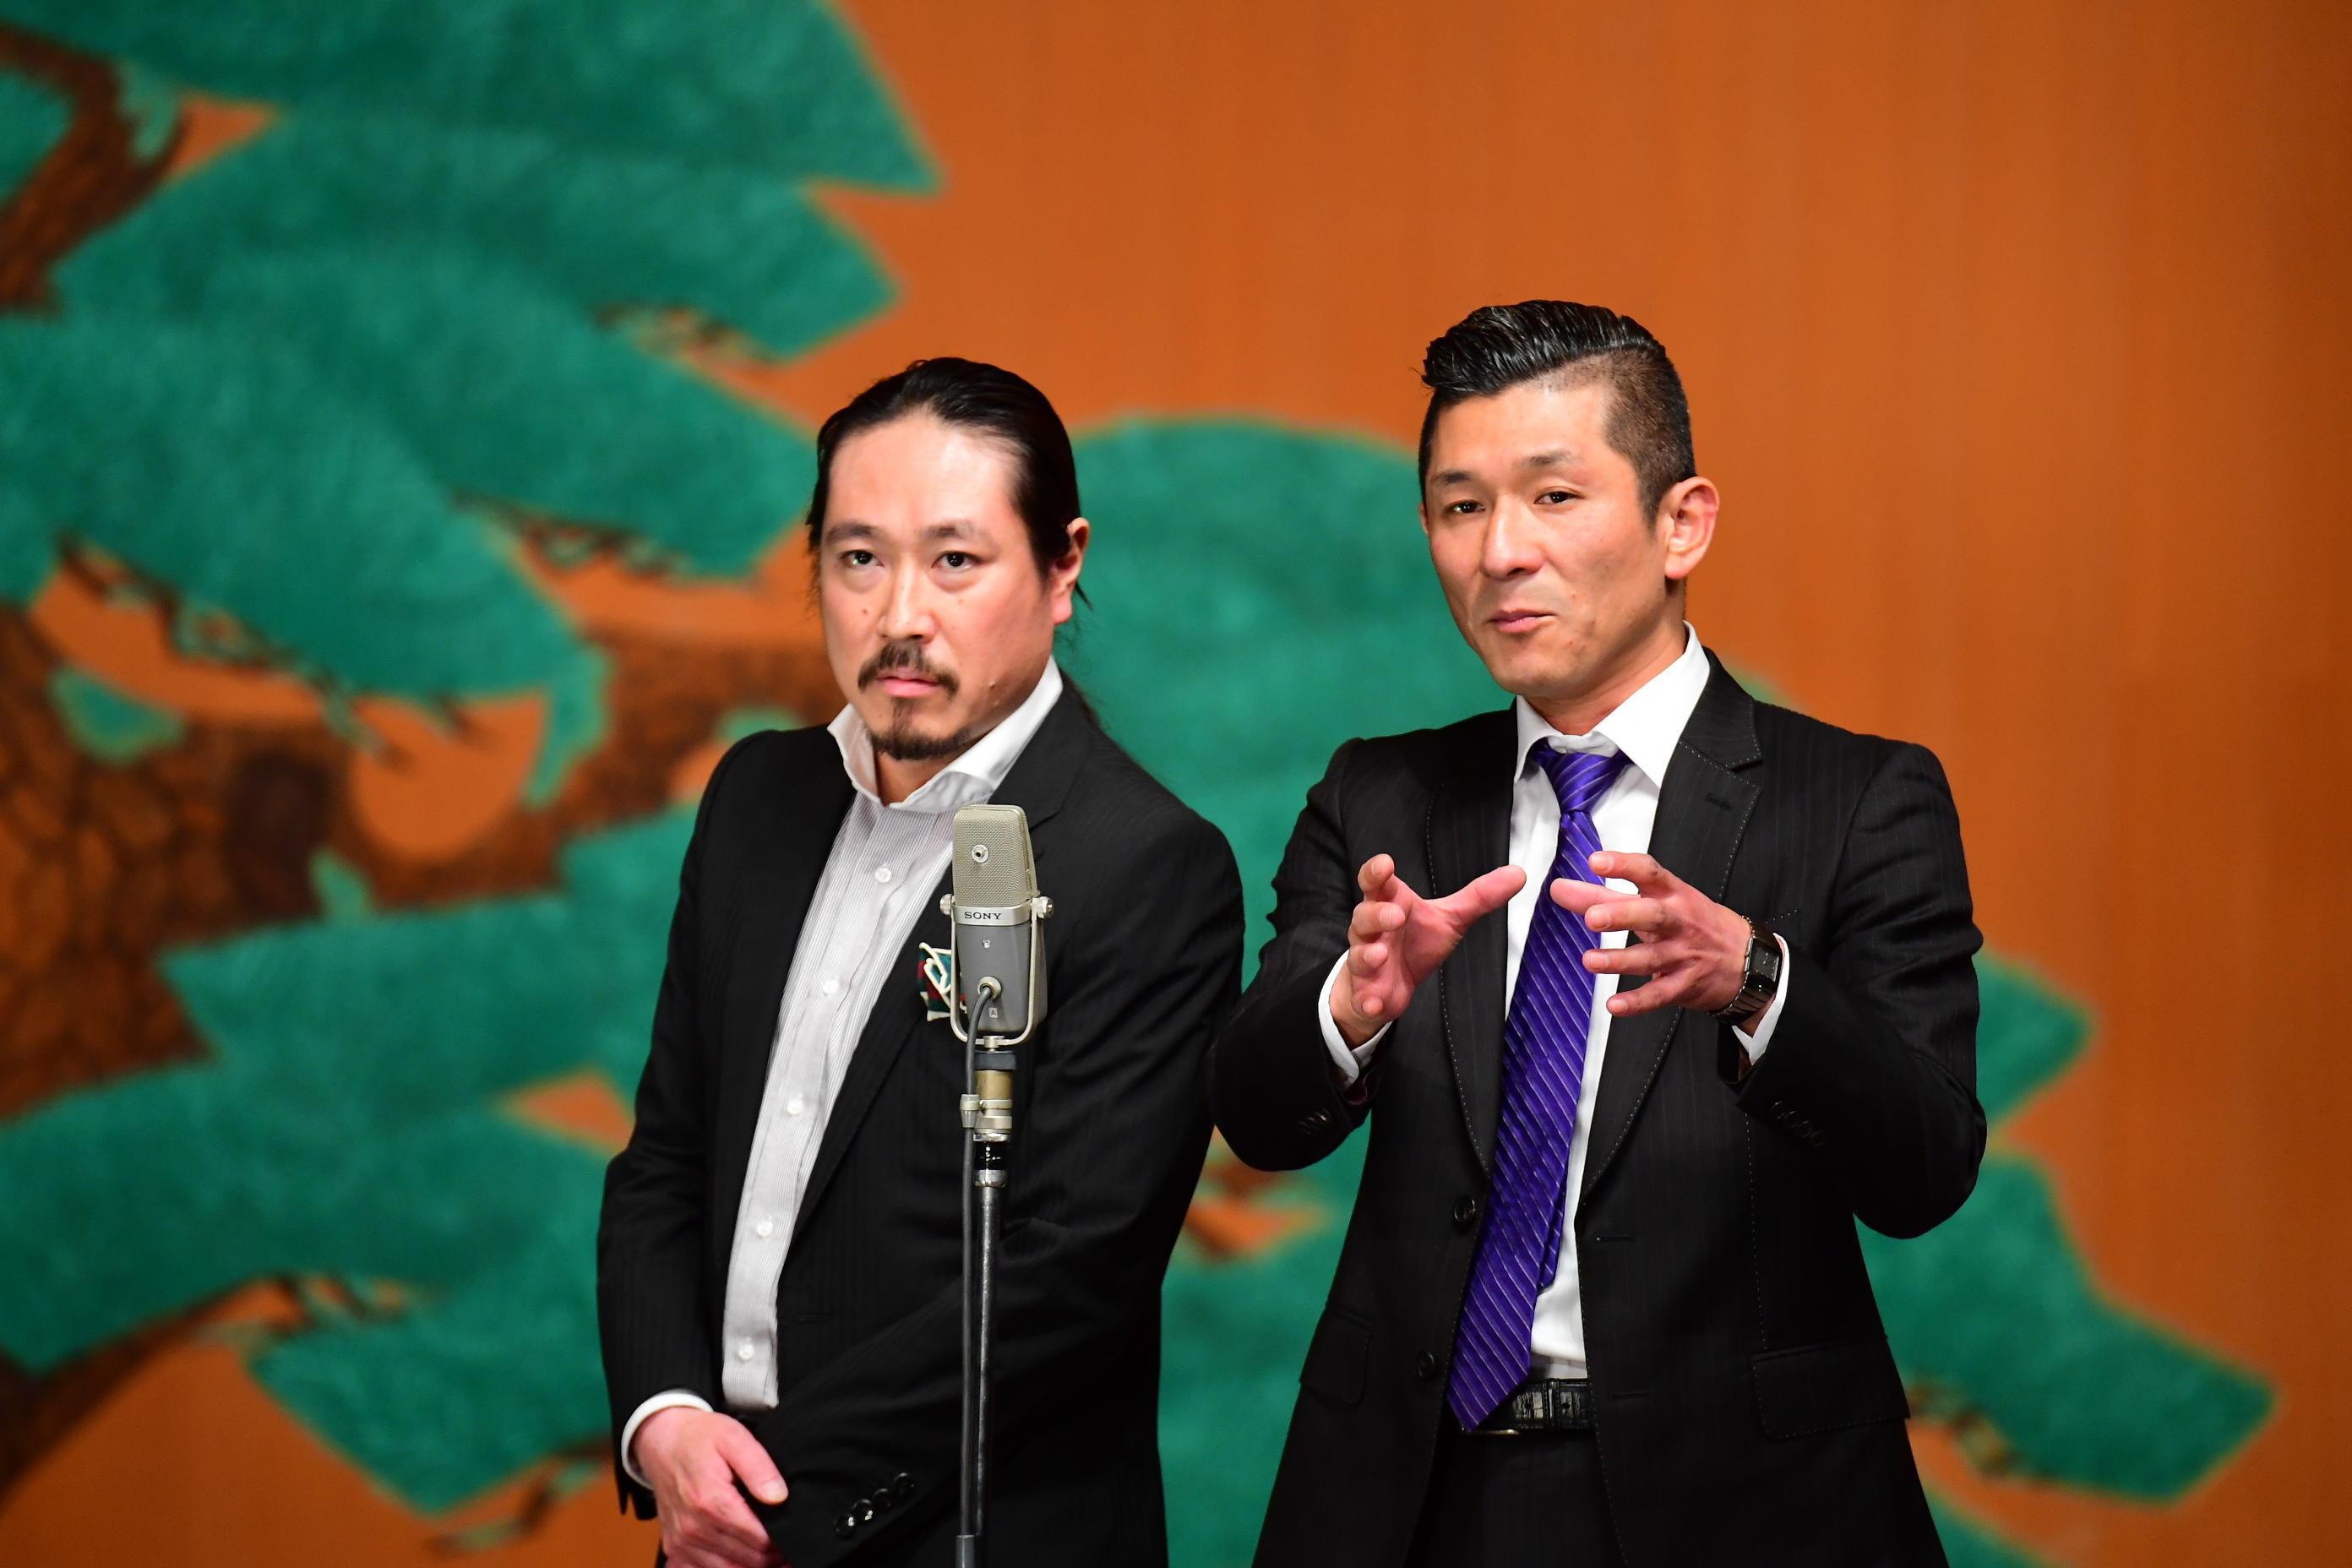 http://news.yoshimoto.co.jp/20170430094347-723eca6451c04e521972bf688c0c98c0f15aec63.jpg